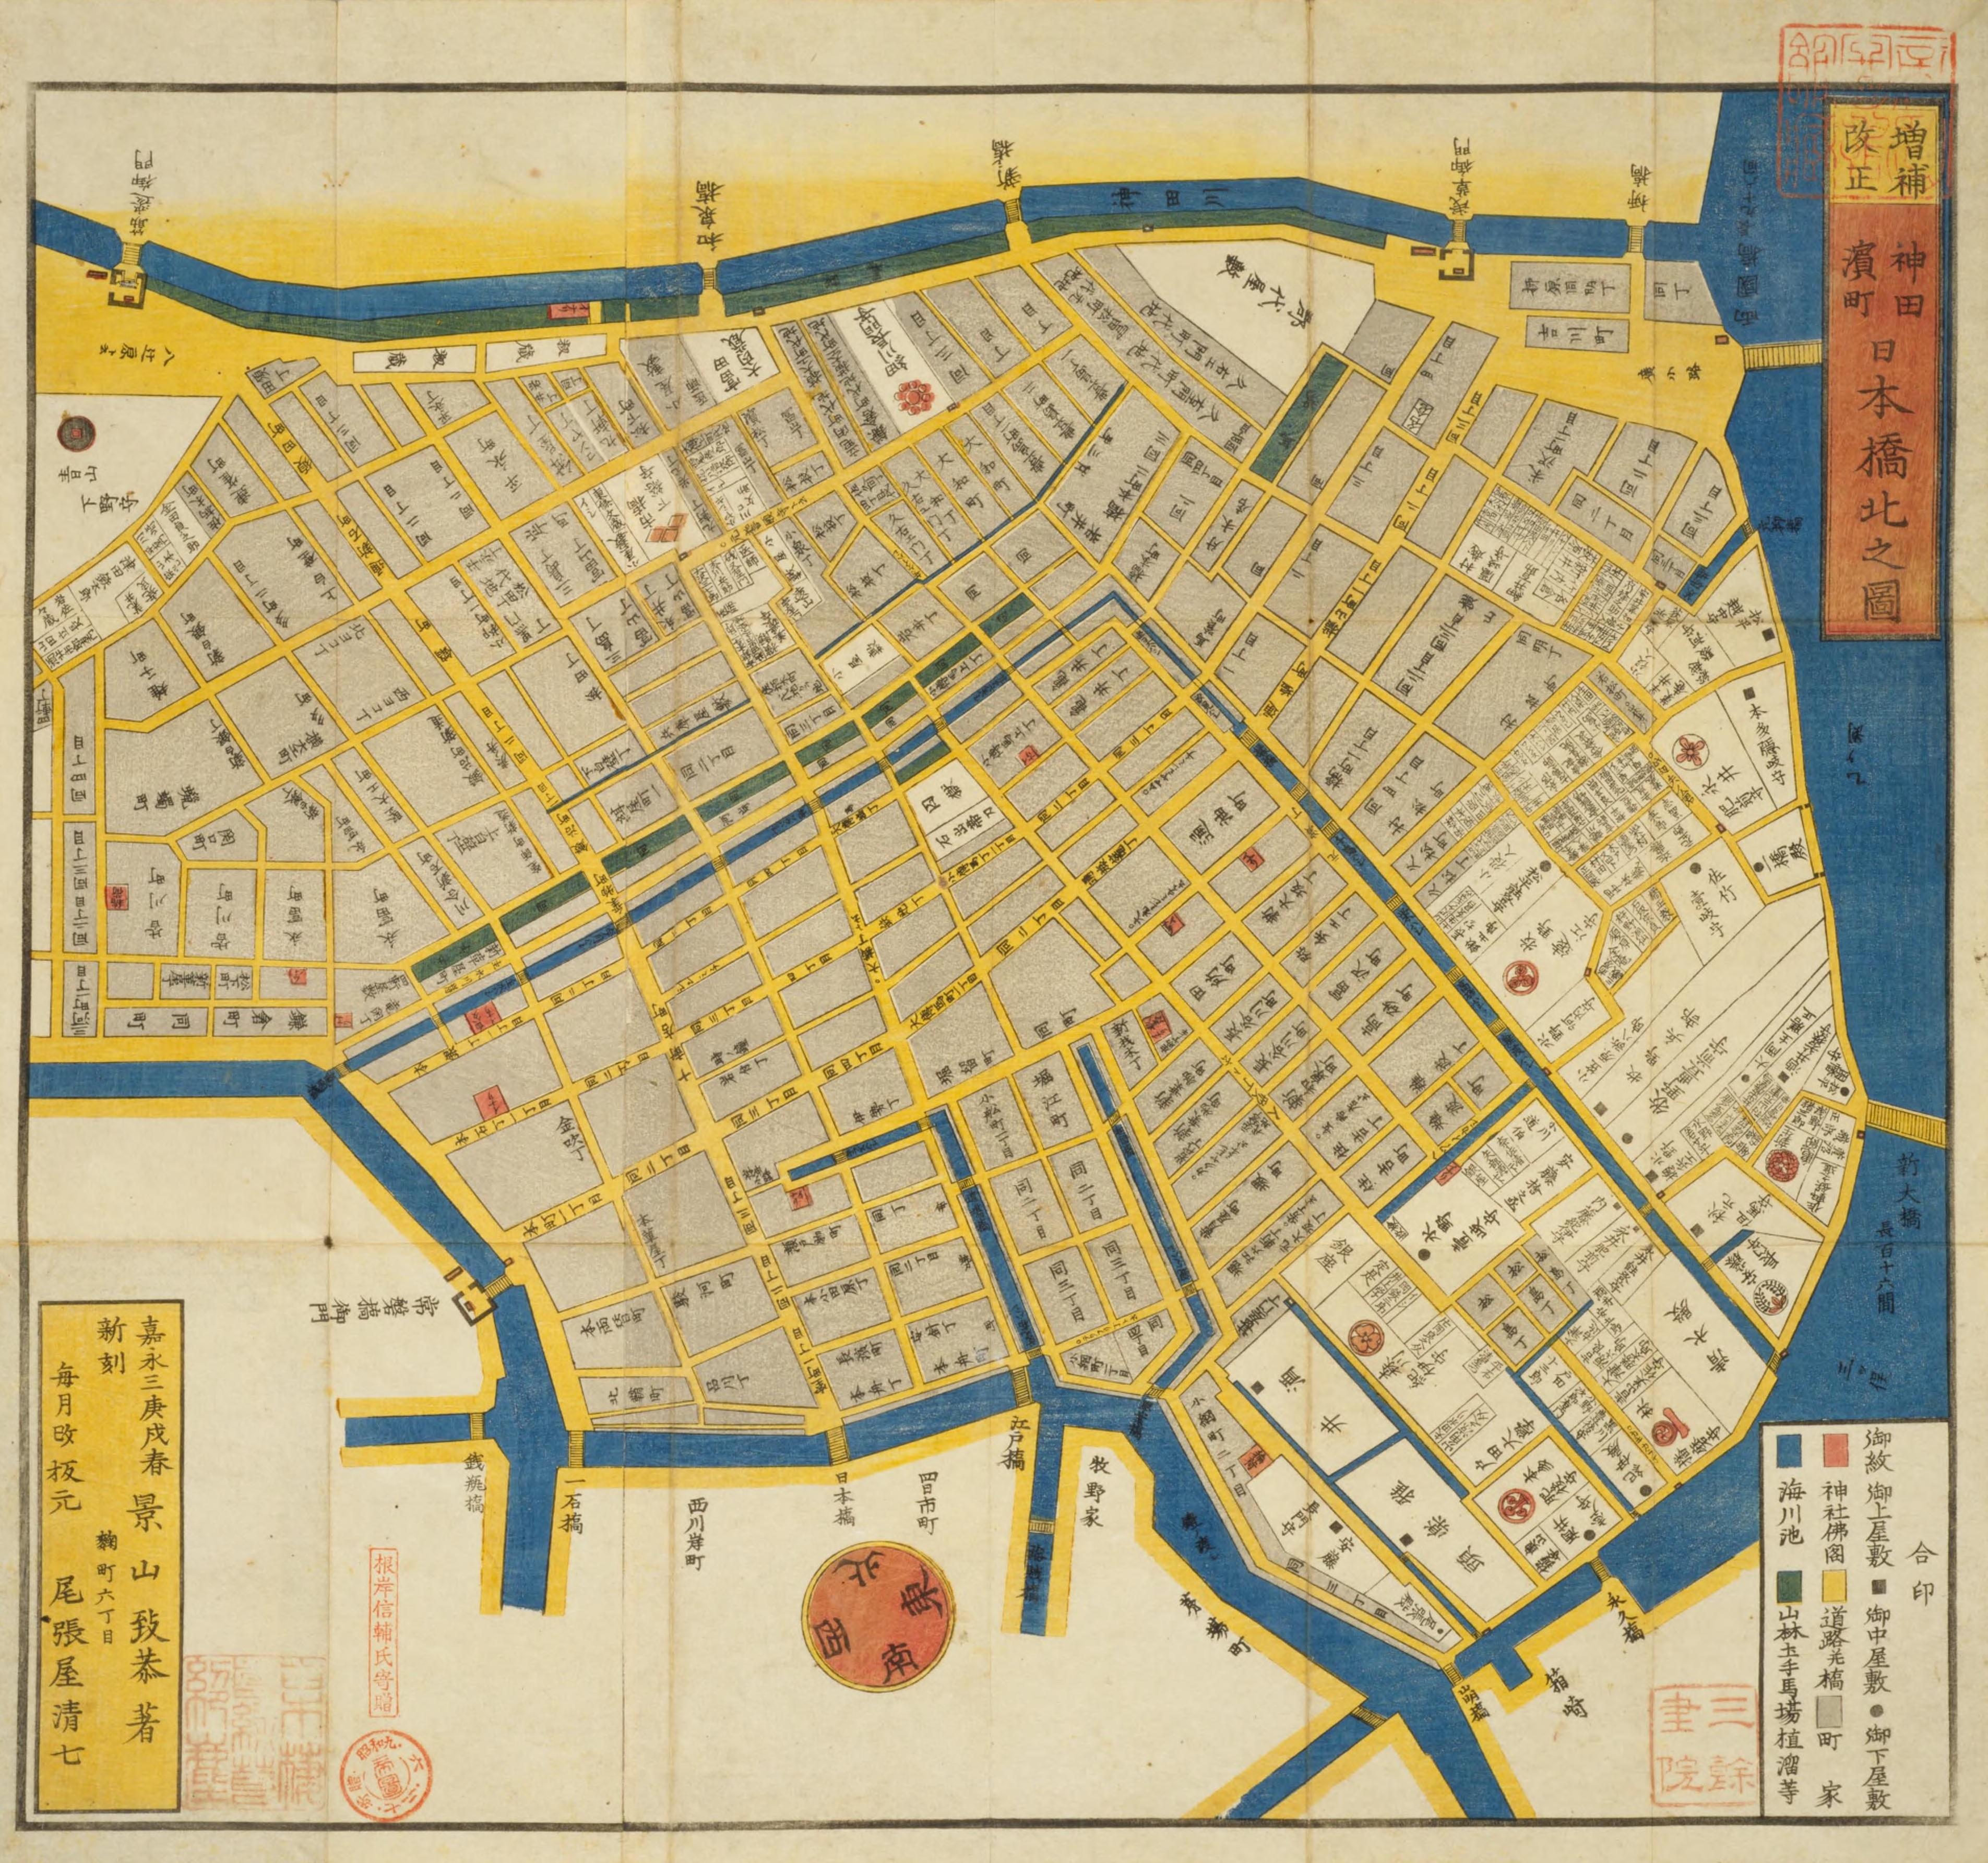 神田浜町日本橋北之図 2